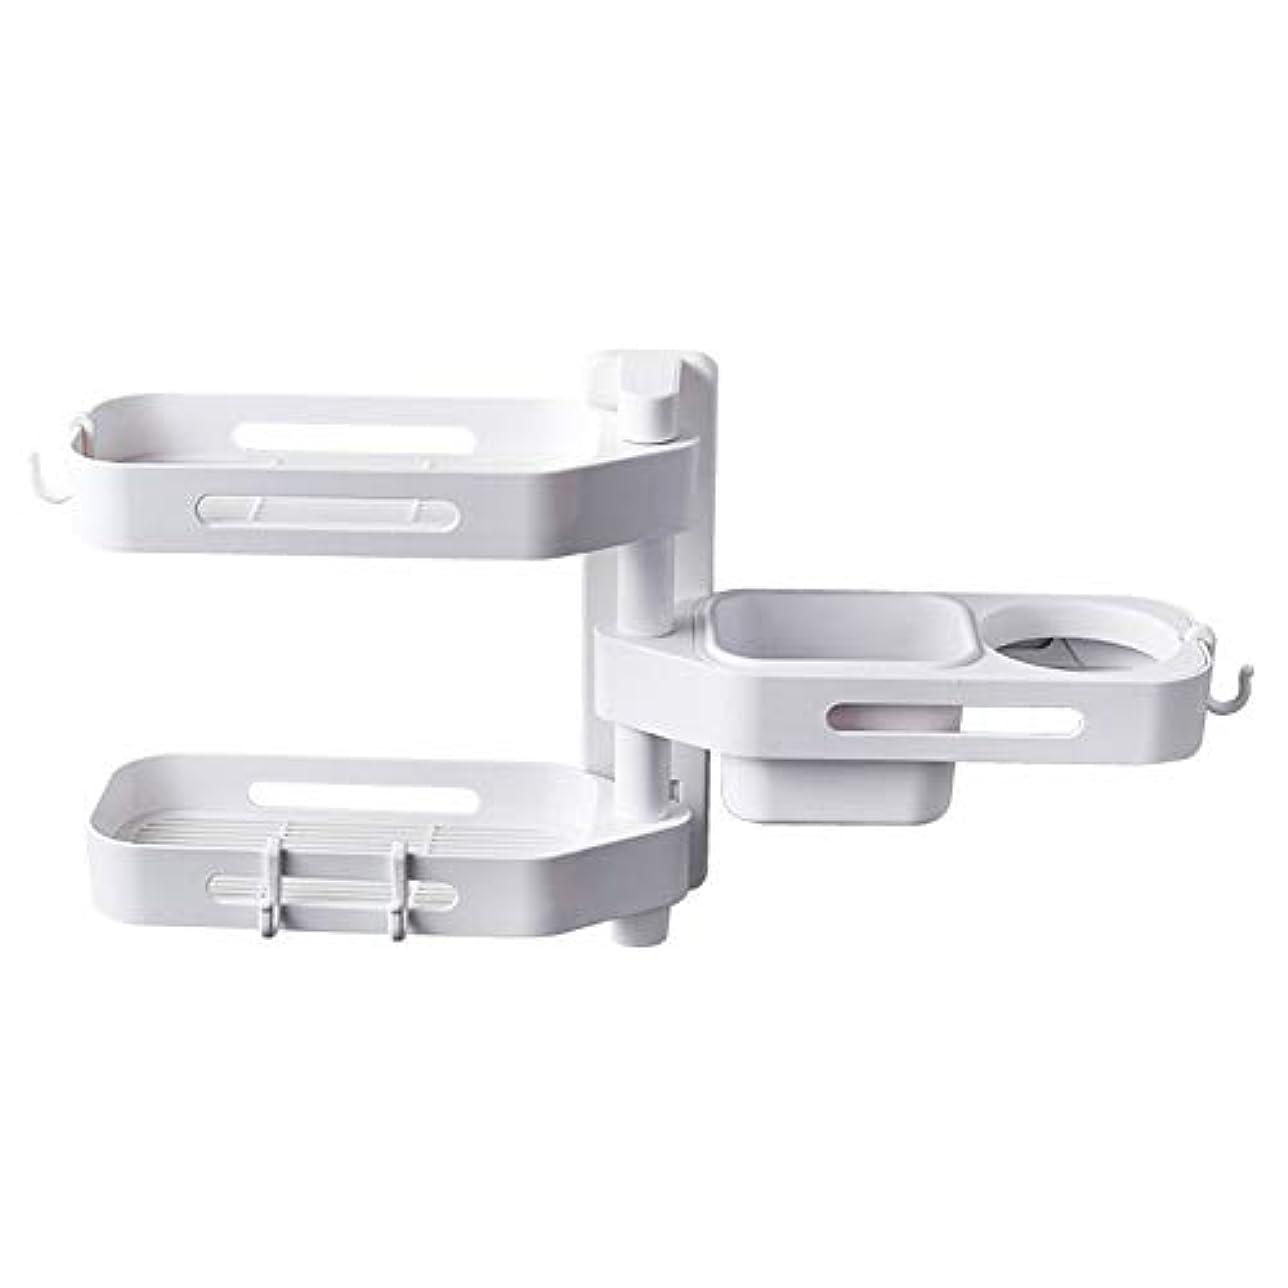 五擁する分配しますCoolTack 3層ソープトレイプラスチック取り外し可能な収納オーガナイザーを回転させるソープディッシュ接着剤ホルダー